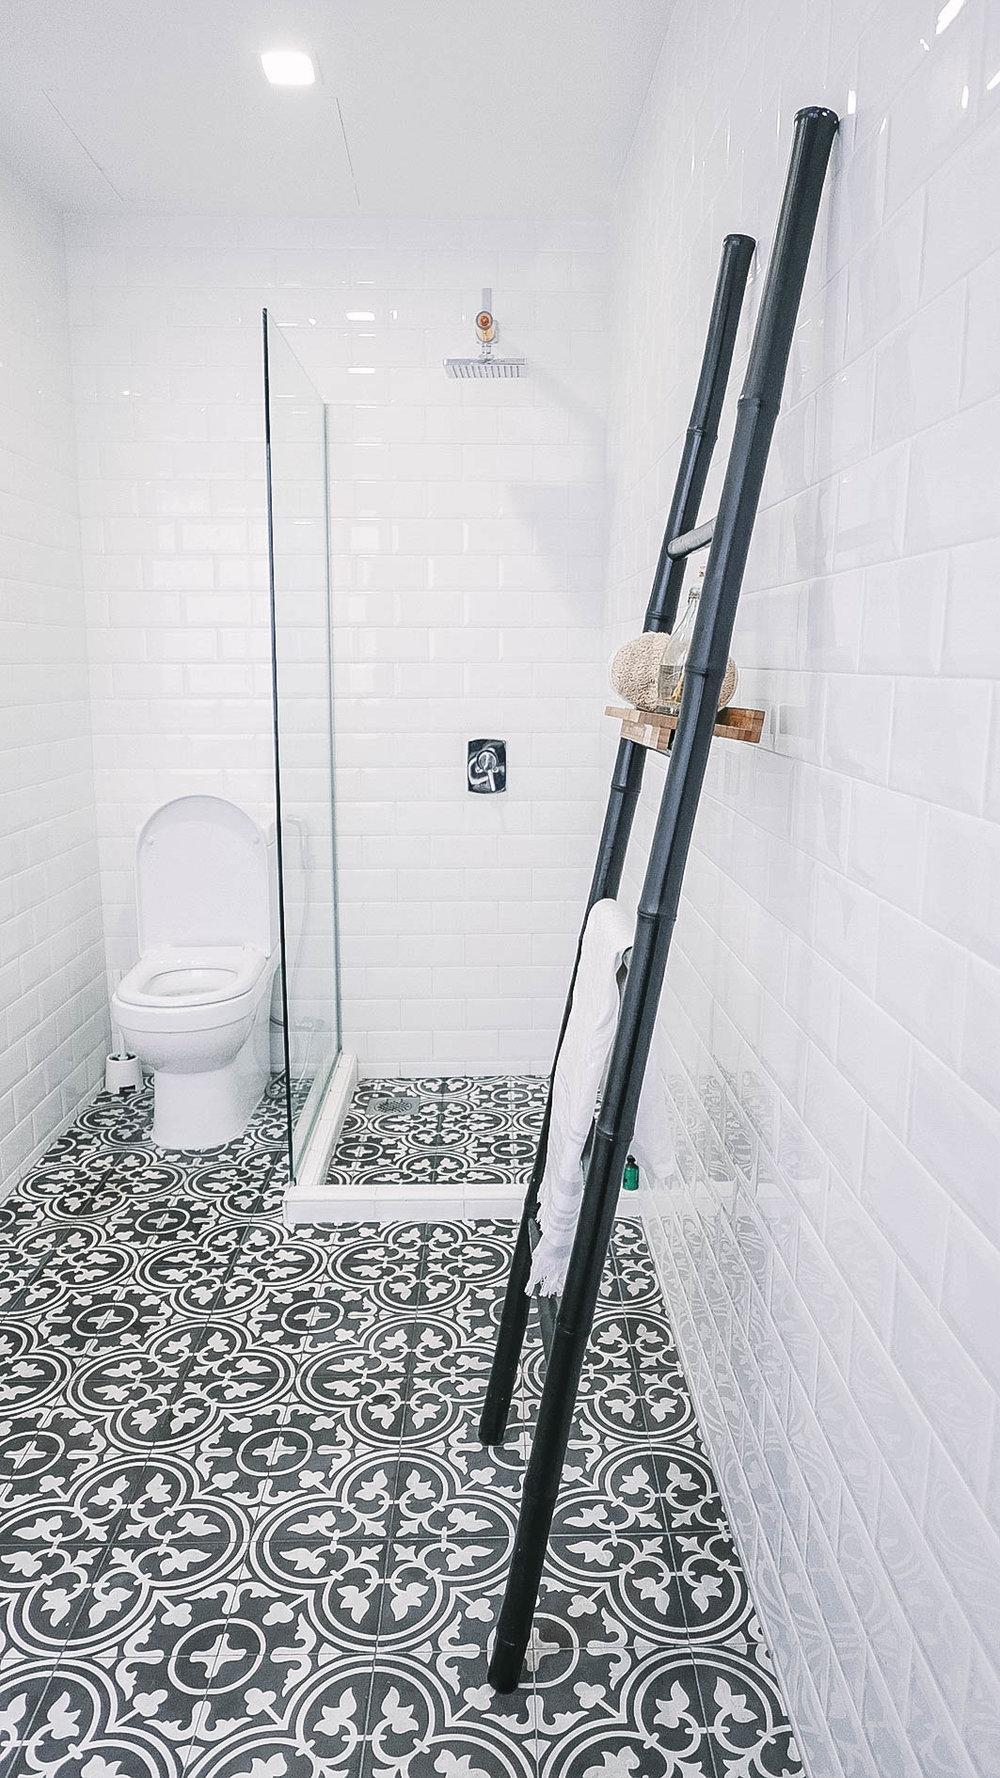 Monochrome Bathroom Floor Tiles Shower